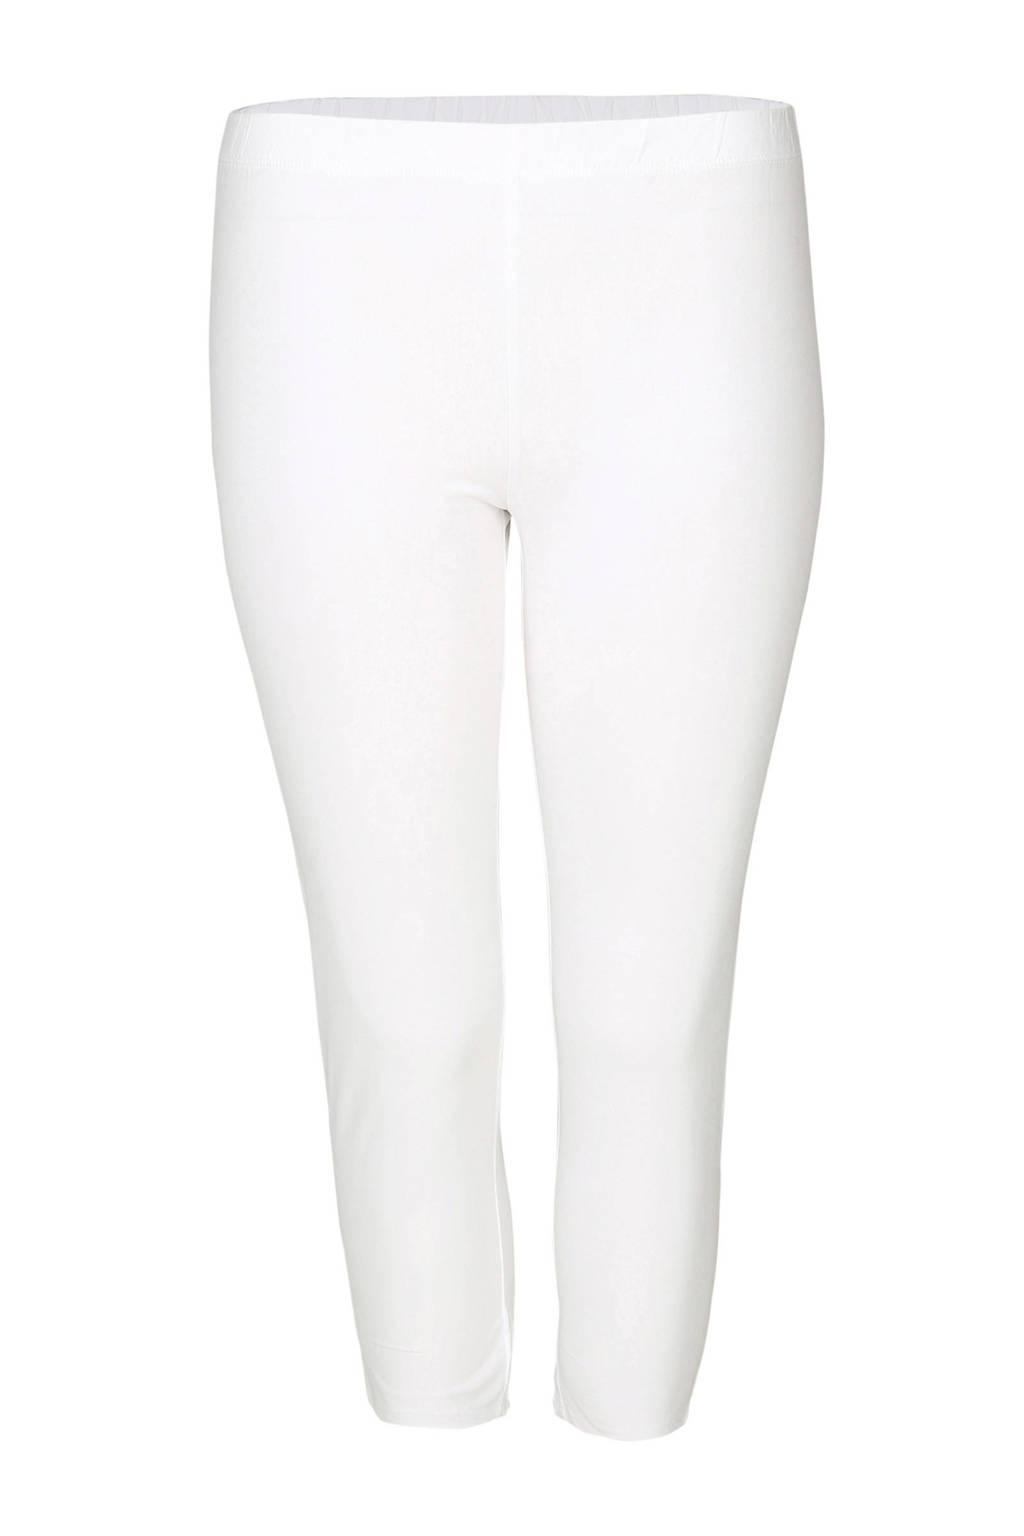 Paprika legging met biologisch katoen wit, Wit